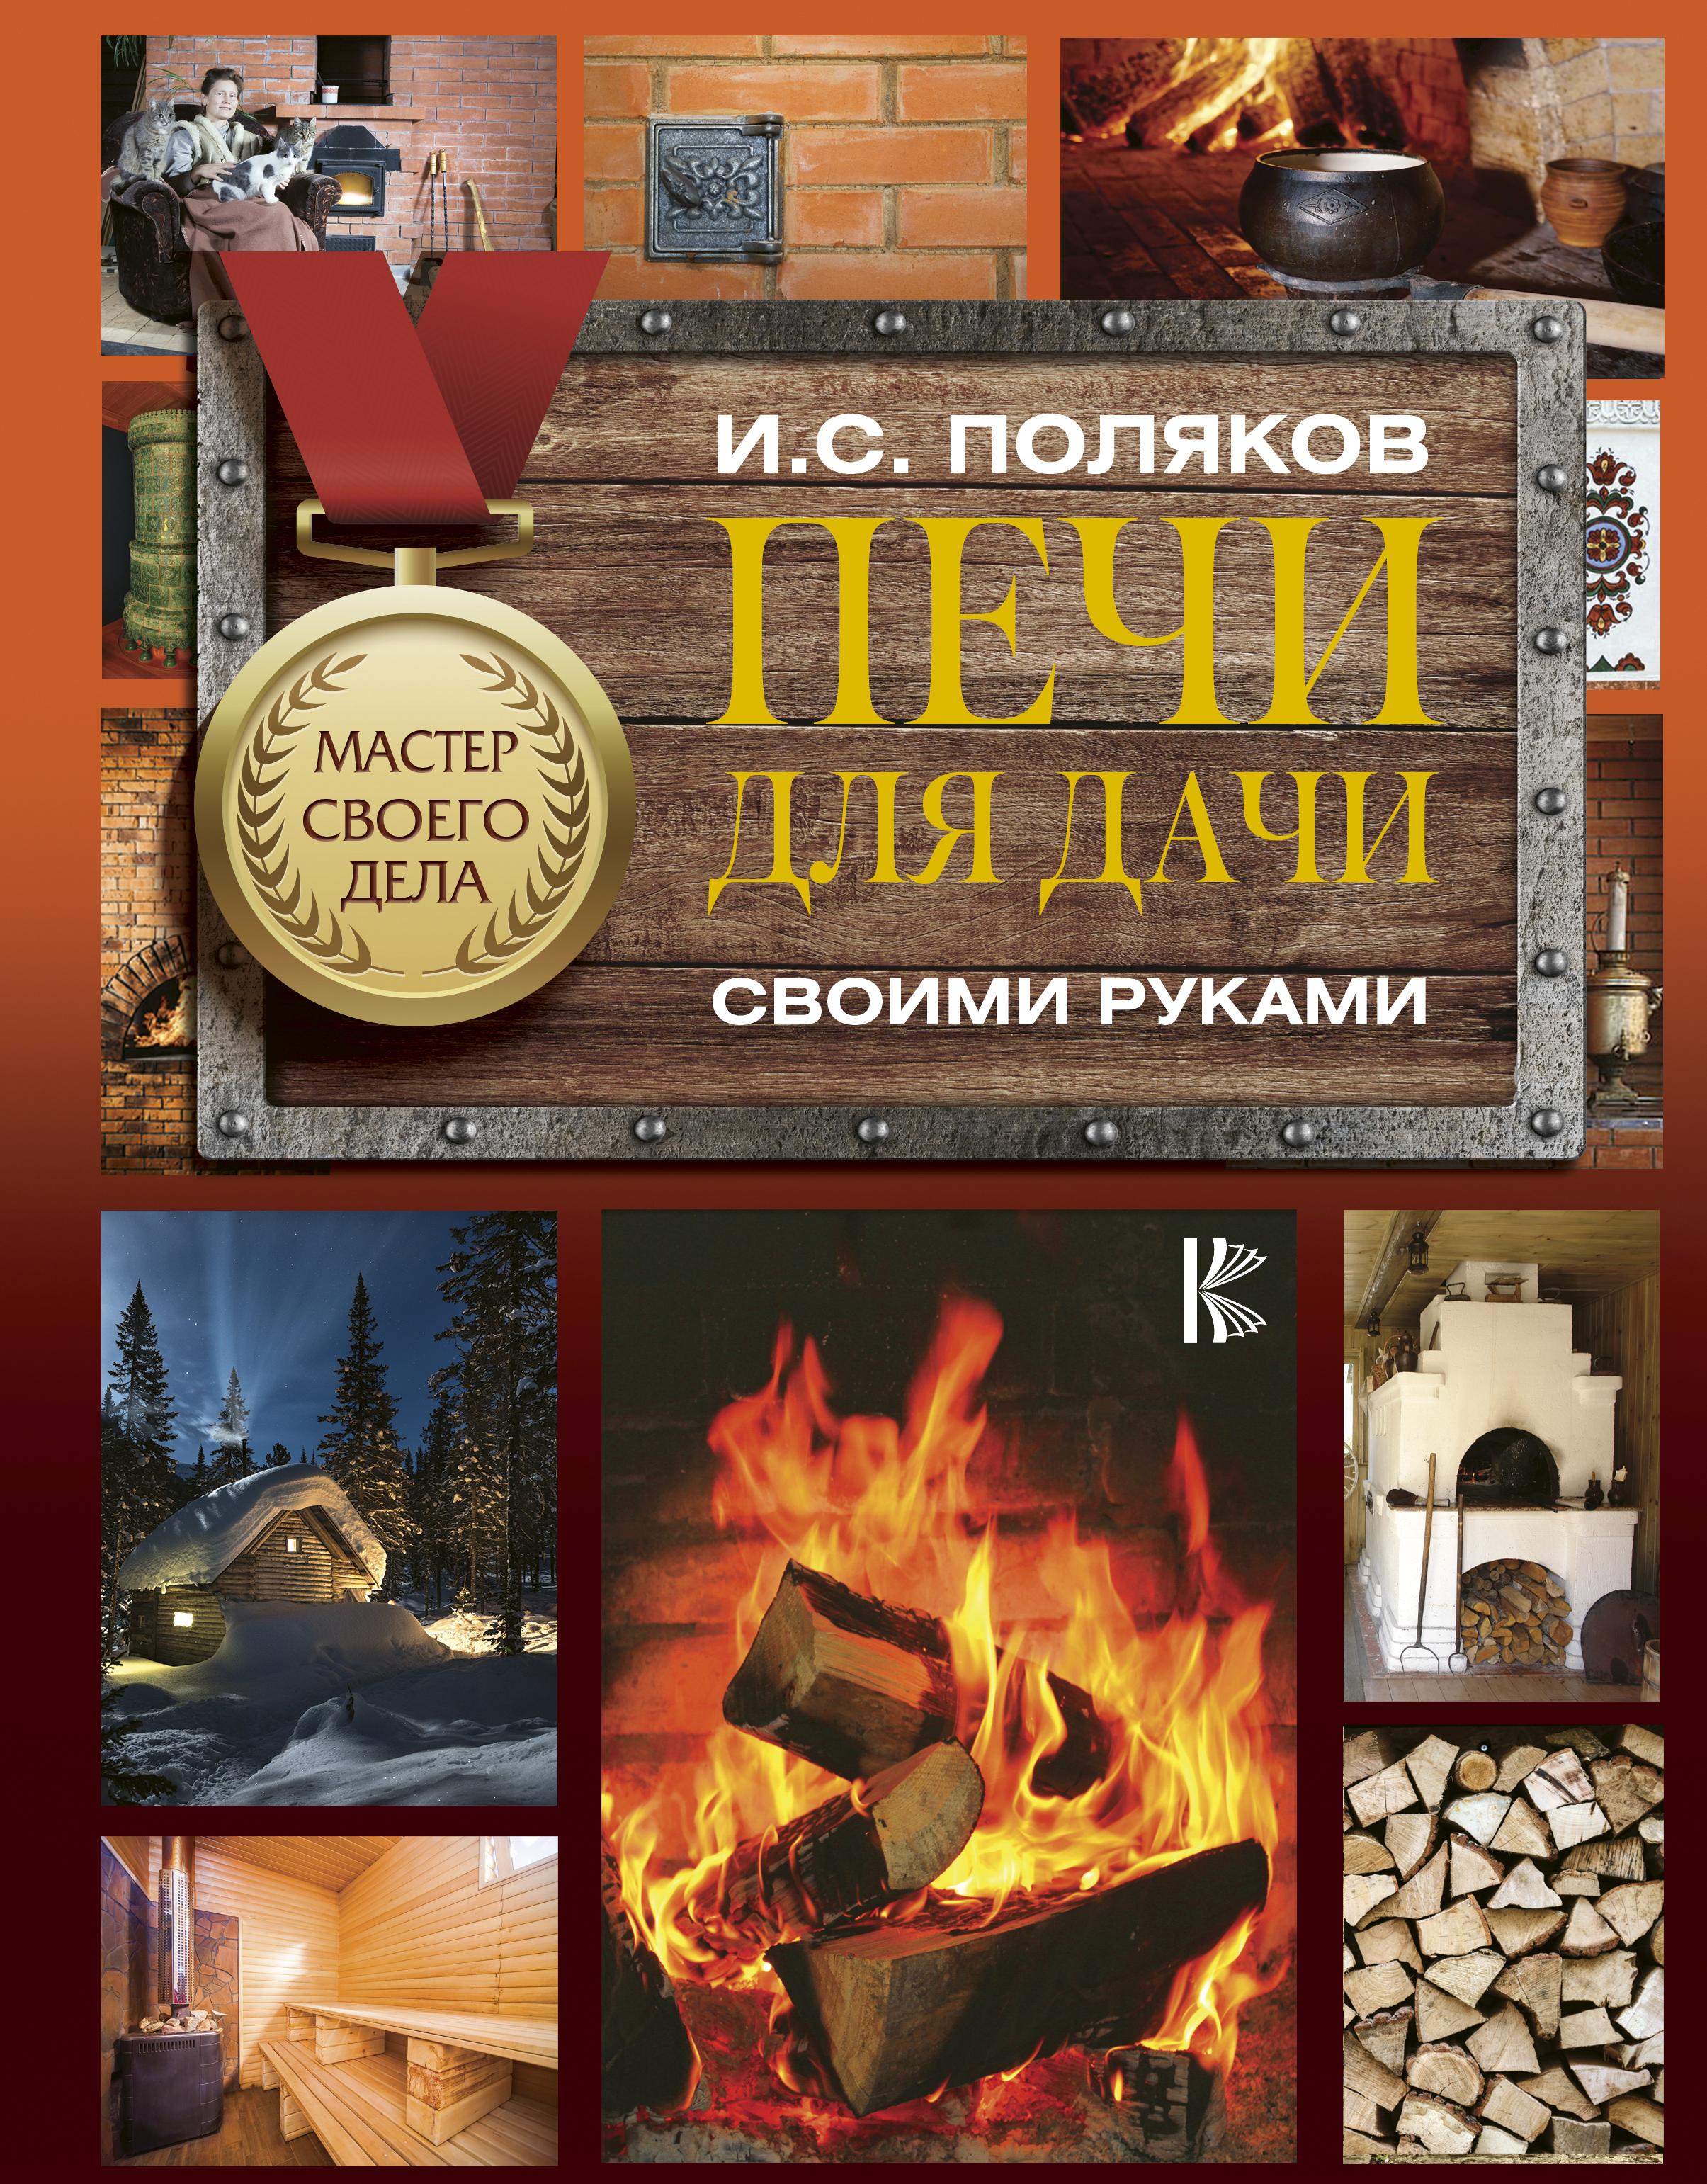 Поляков И.С. Печи для дачи своими руками